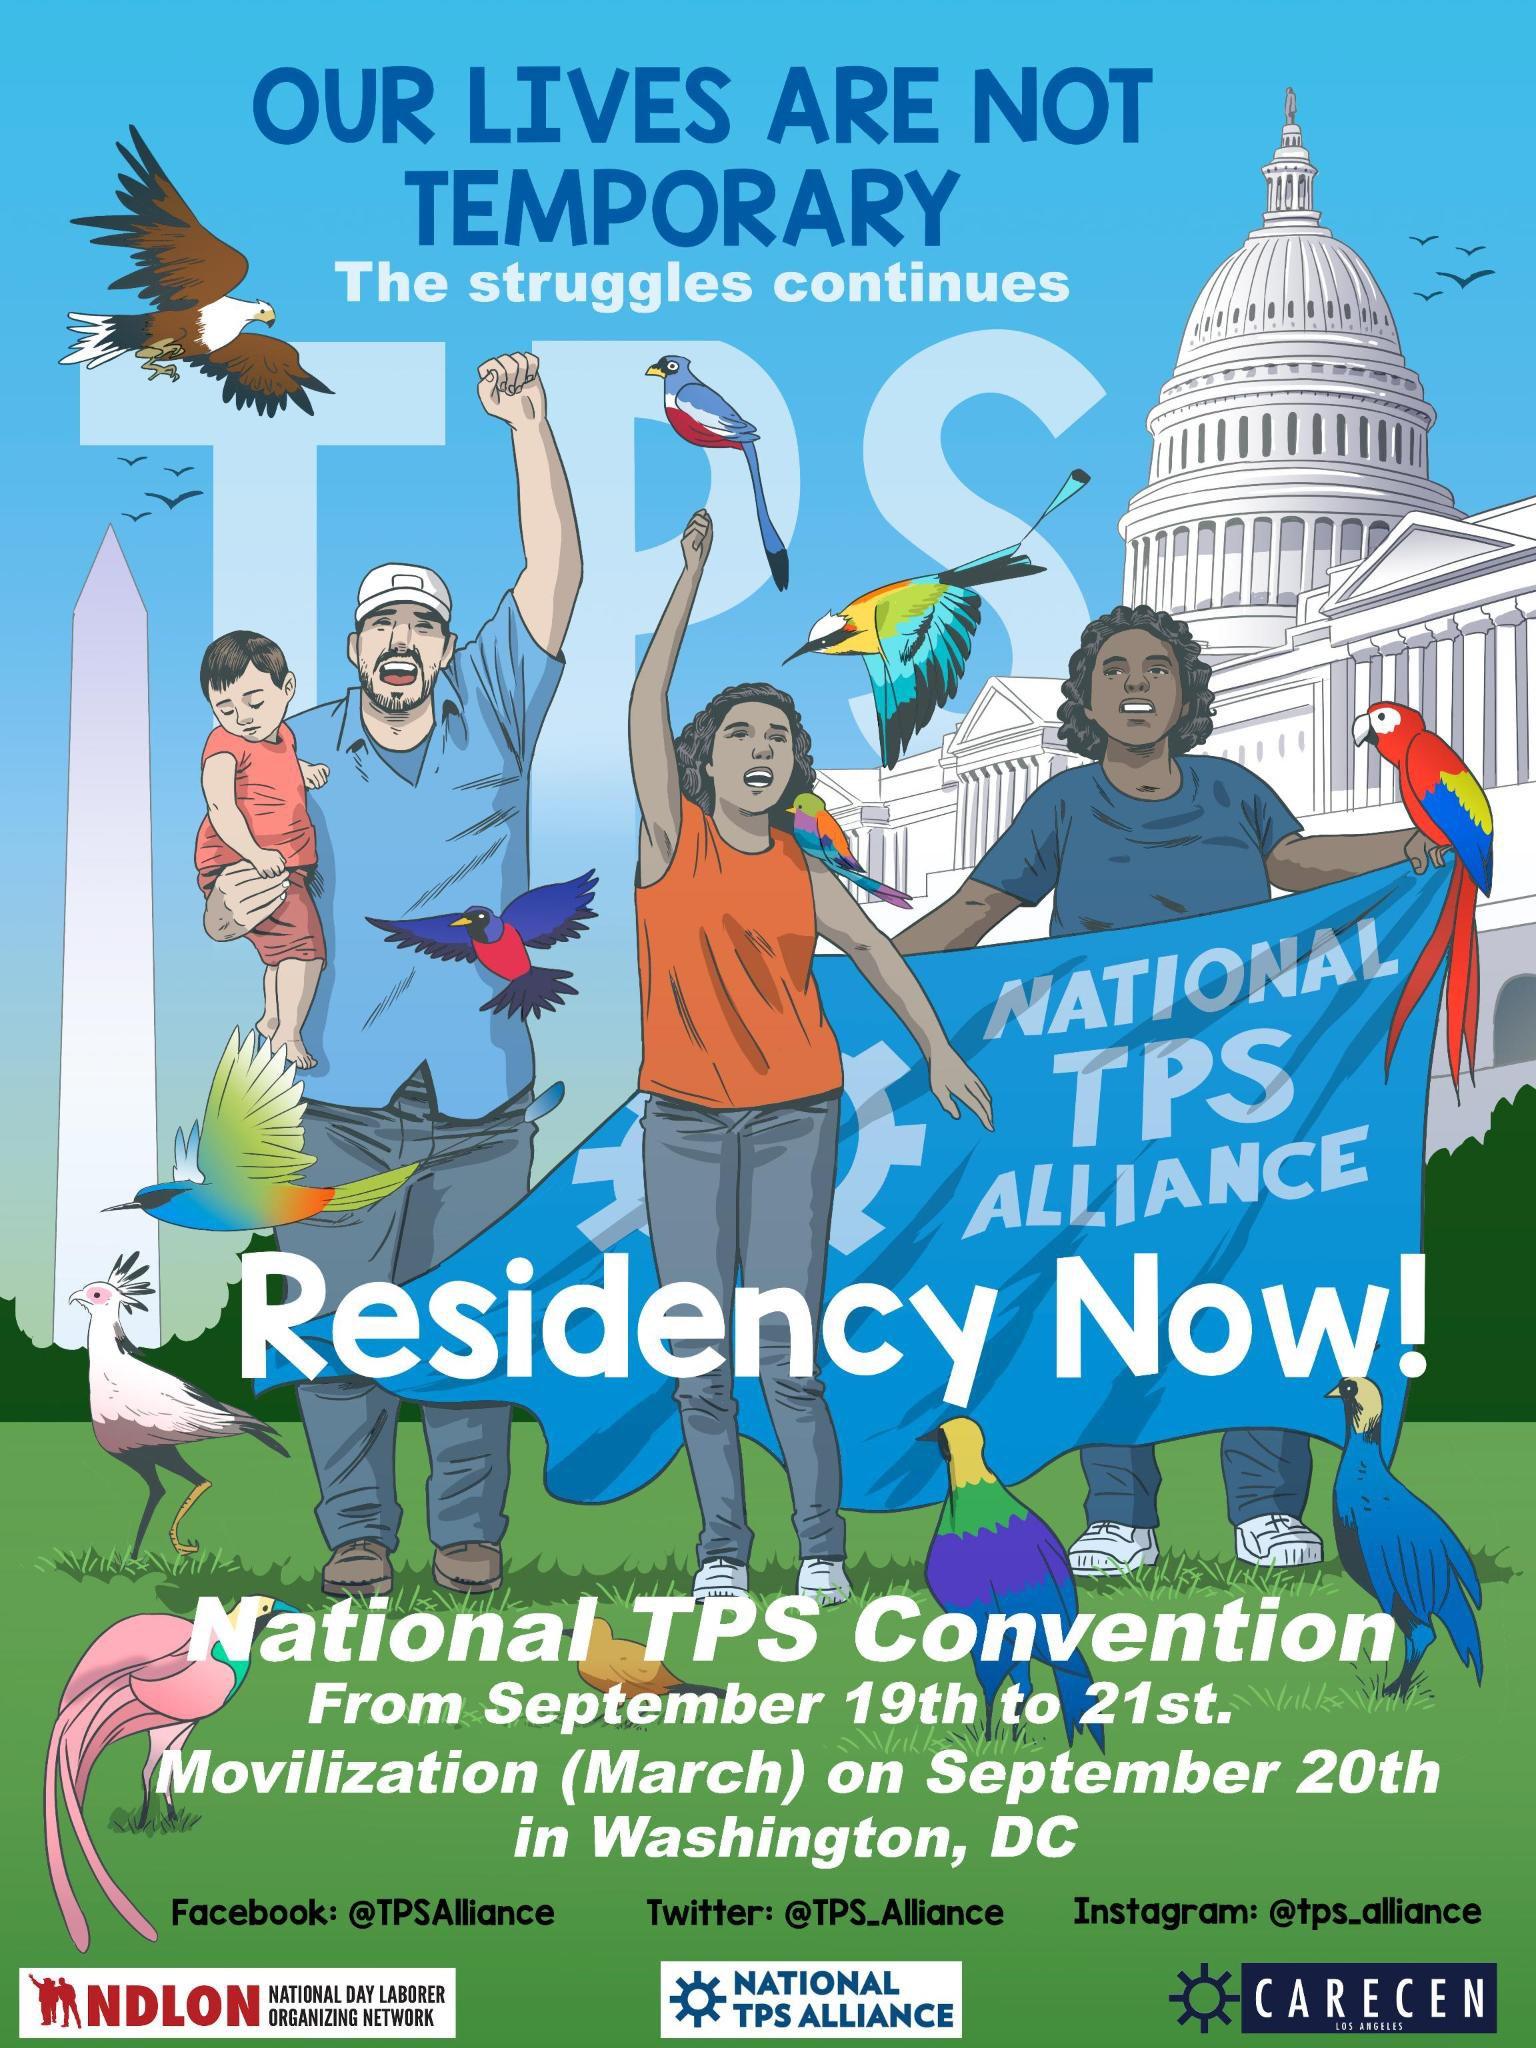 Alianza Nacional por el TPS pide residencia permanente